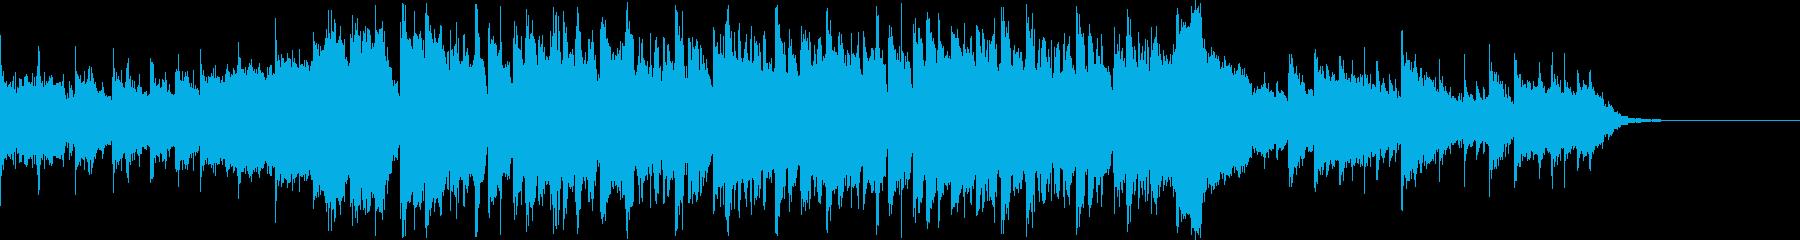 爽やか透明感ピアノフルートコーポレートCの再生済みの波形